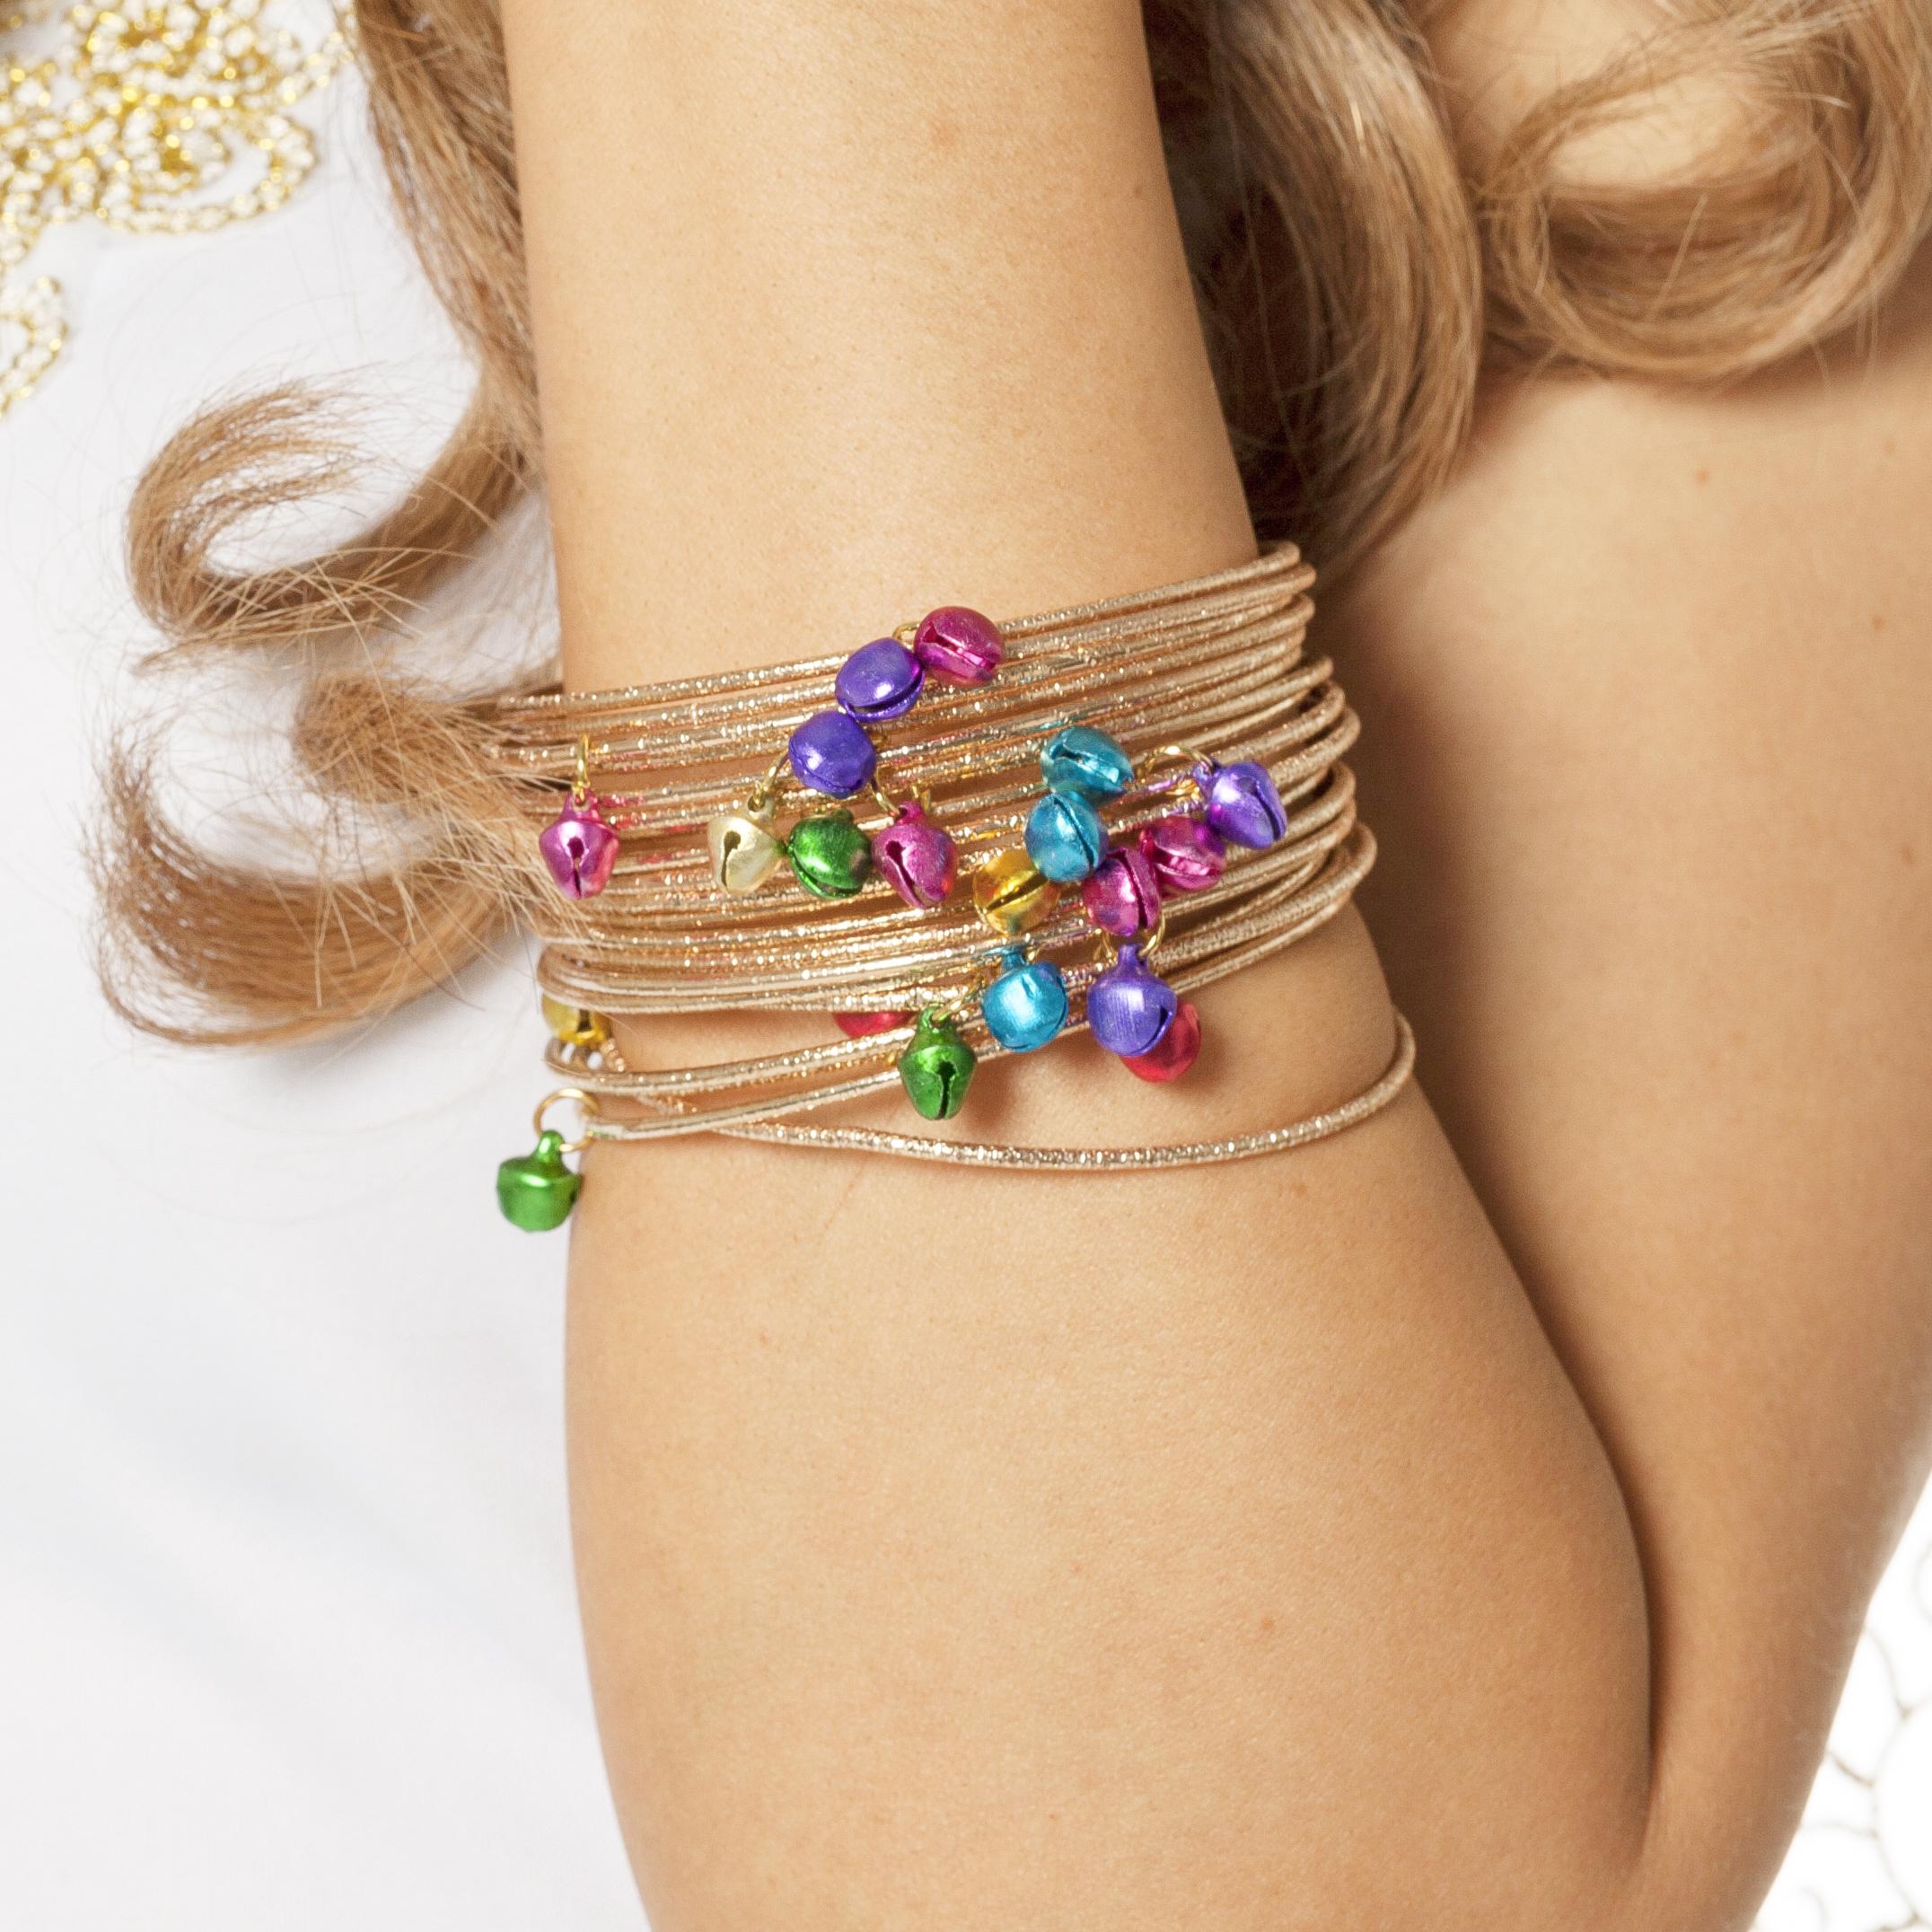 Armbanden goud met gekleurde belletjes